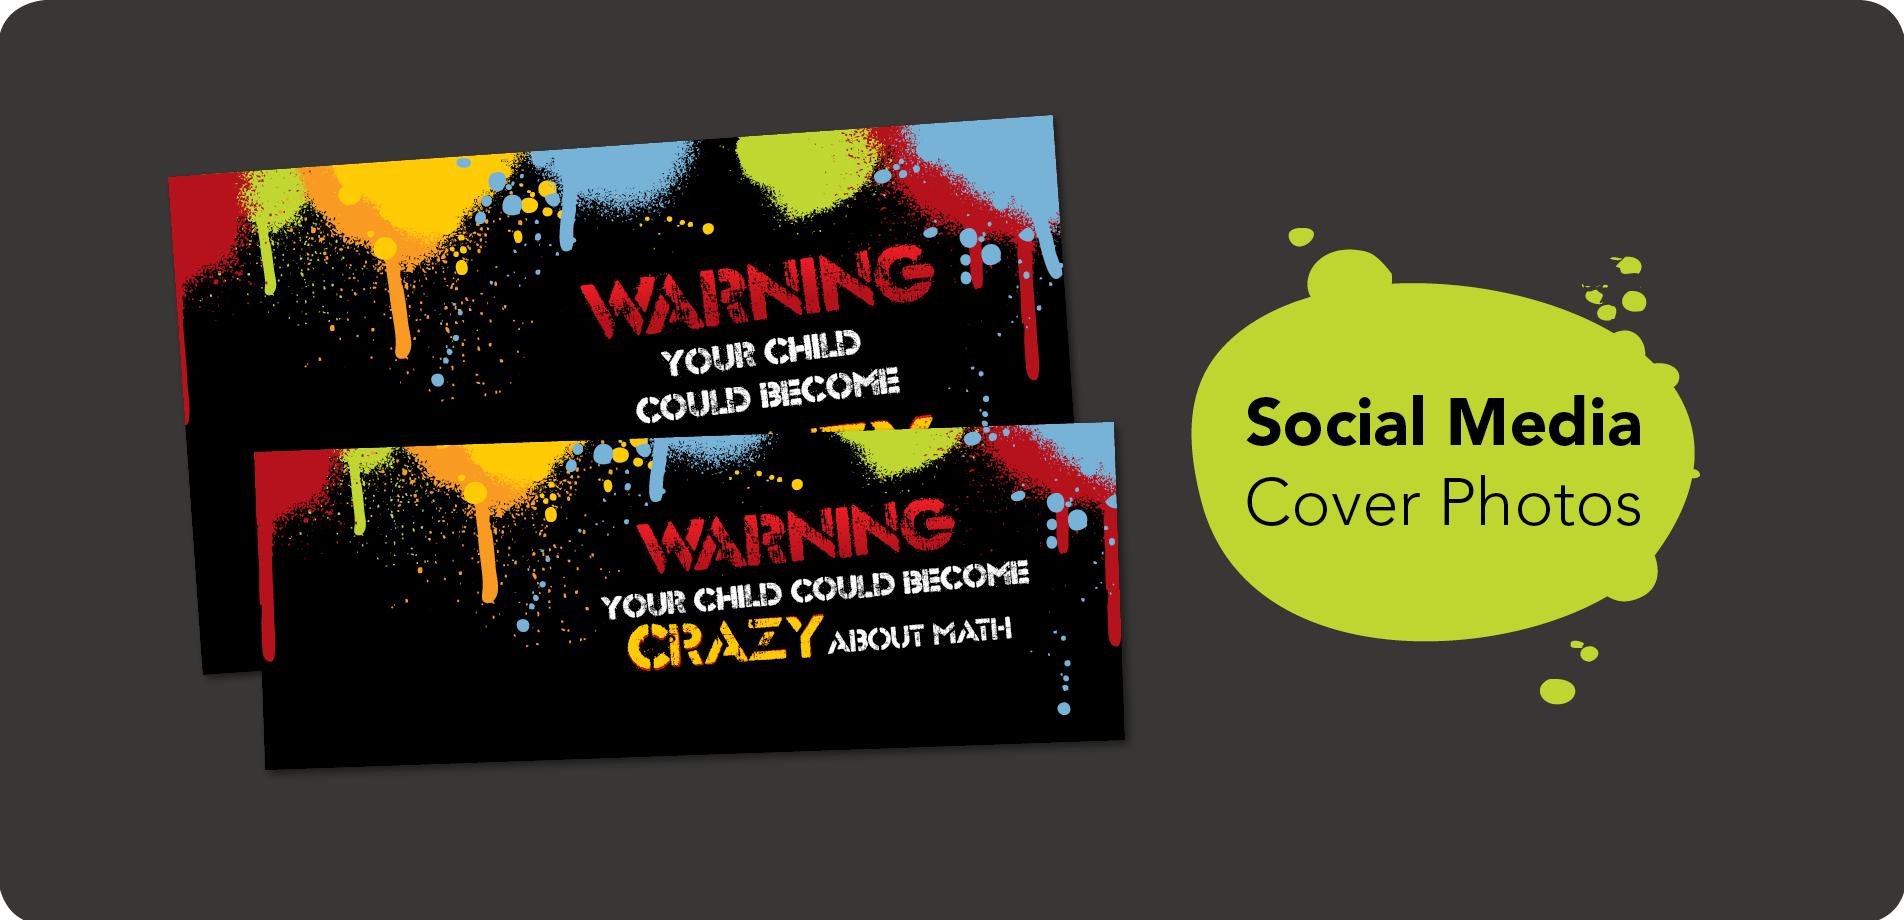 Examples-Social-Media-Warning-2016